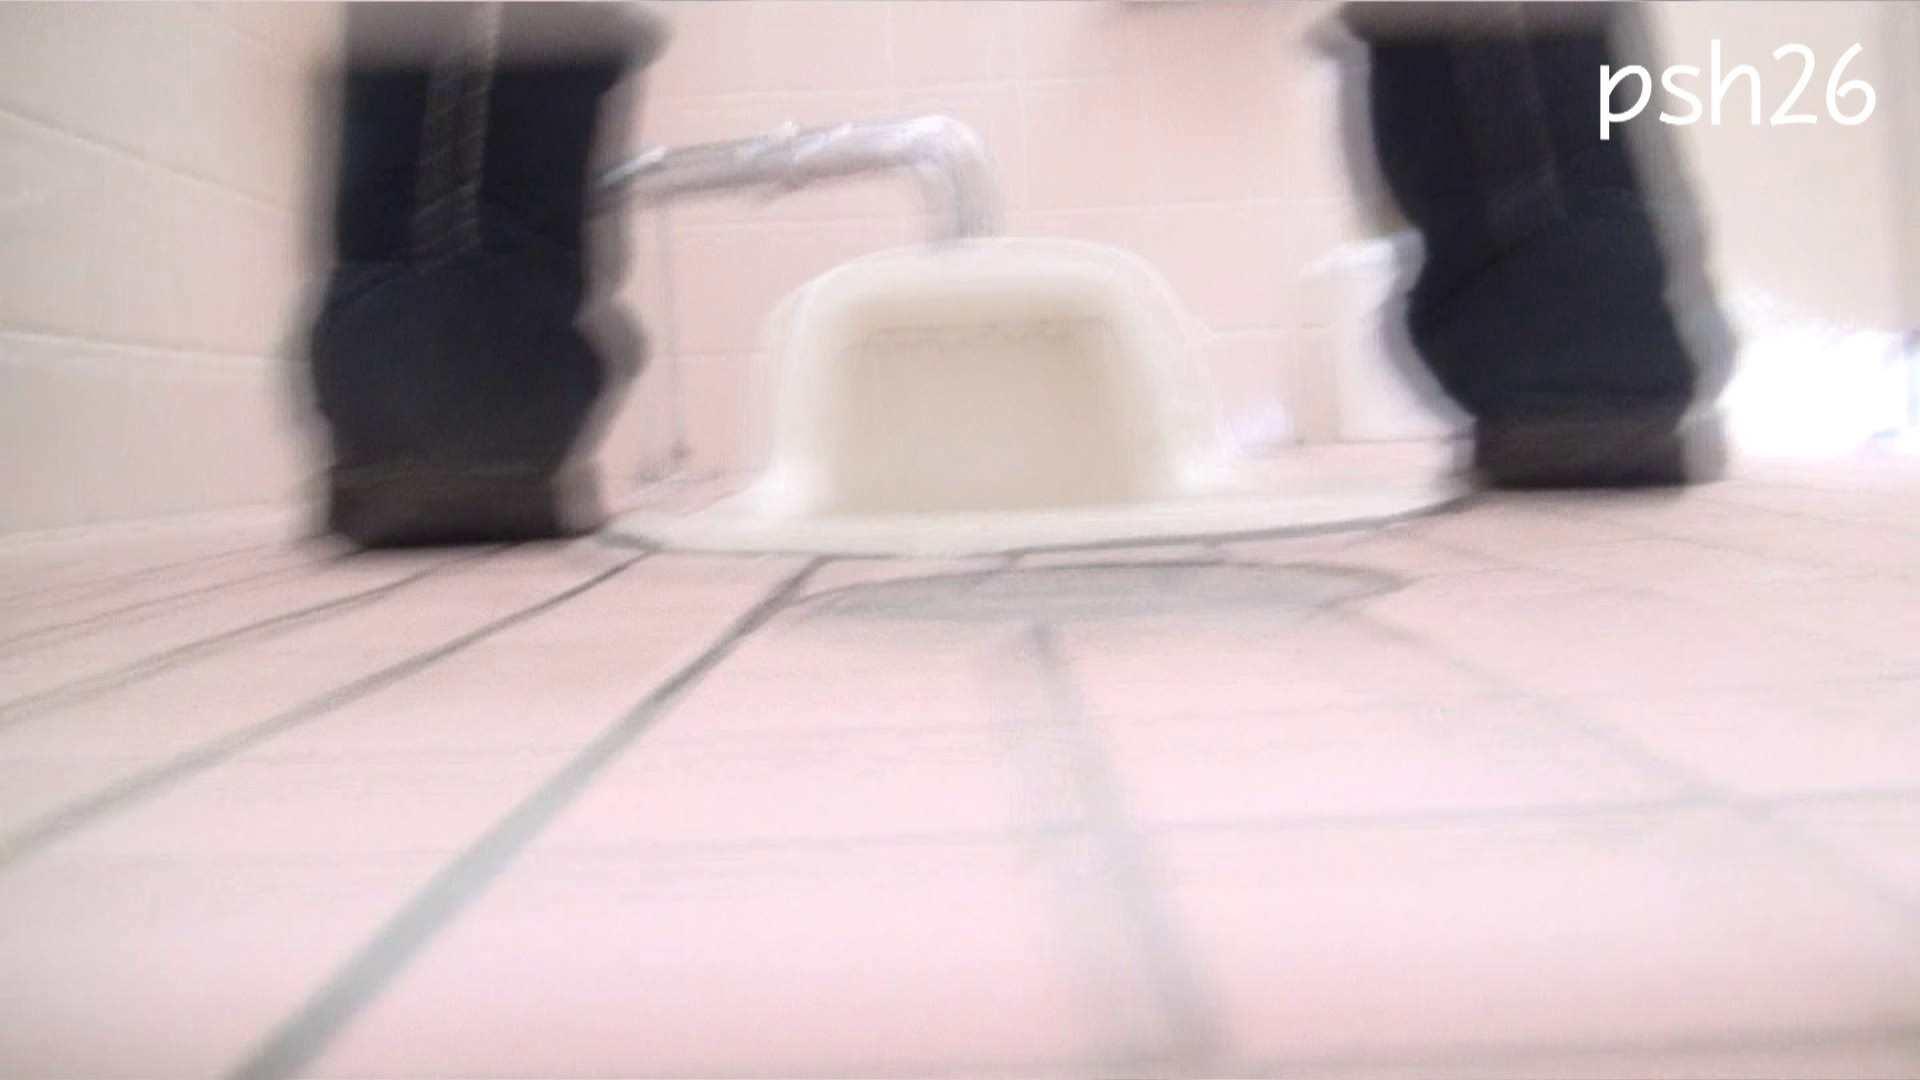 ▲復活限定▲ハイビジョン 盗神伝 Vol.26 盗撮エロすぎ | 洗面所着替え  80連発 29